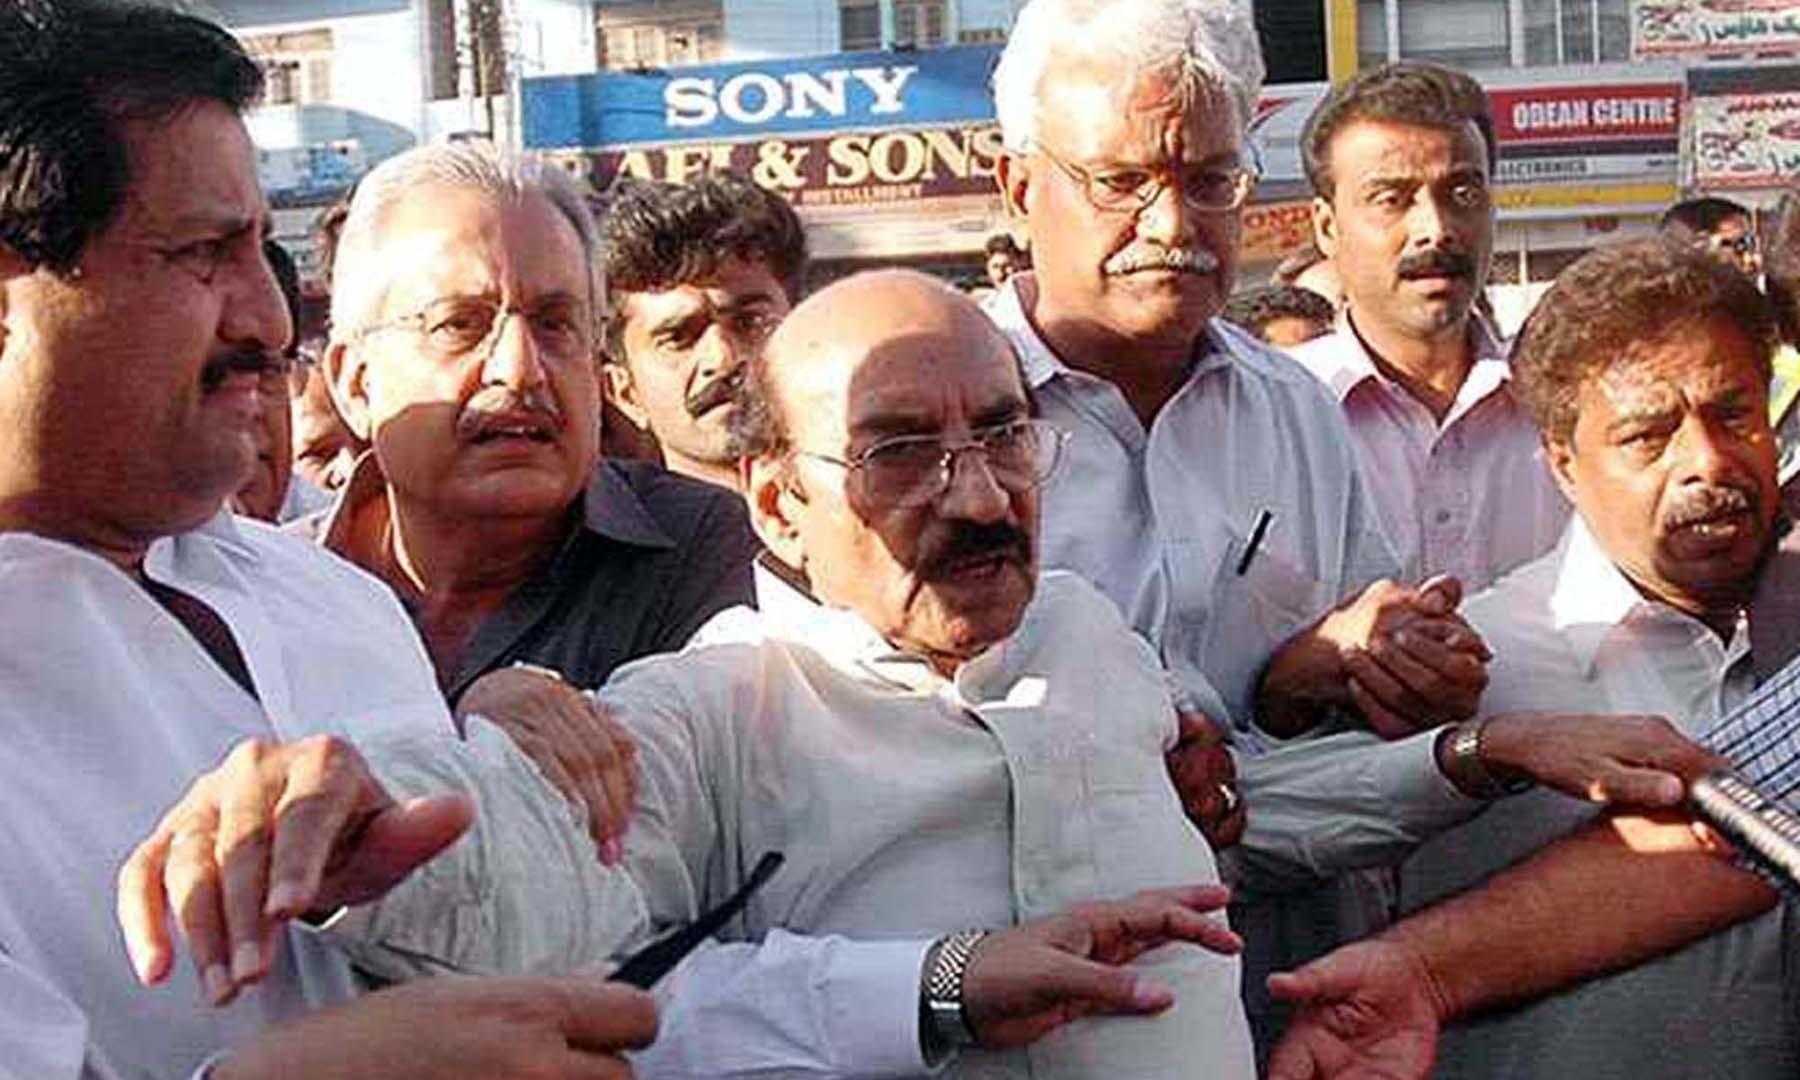 3 مئی 2000ء کو قائم علی شاہ اور پیپلزپارٹی کے دیگر رہنما ریگل چوک پر احتجاجی مظاہرے میں شریک ہیں—سید رضوان علی